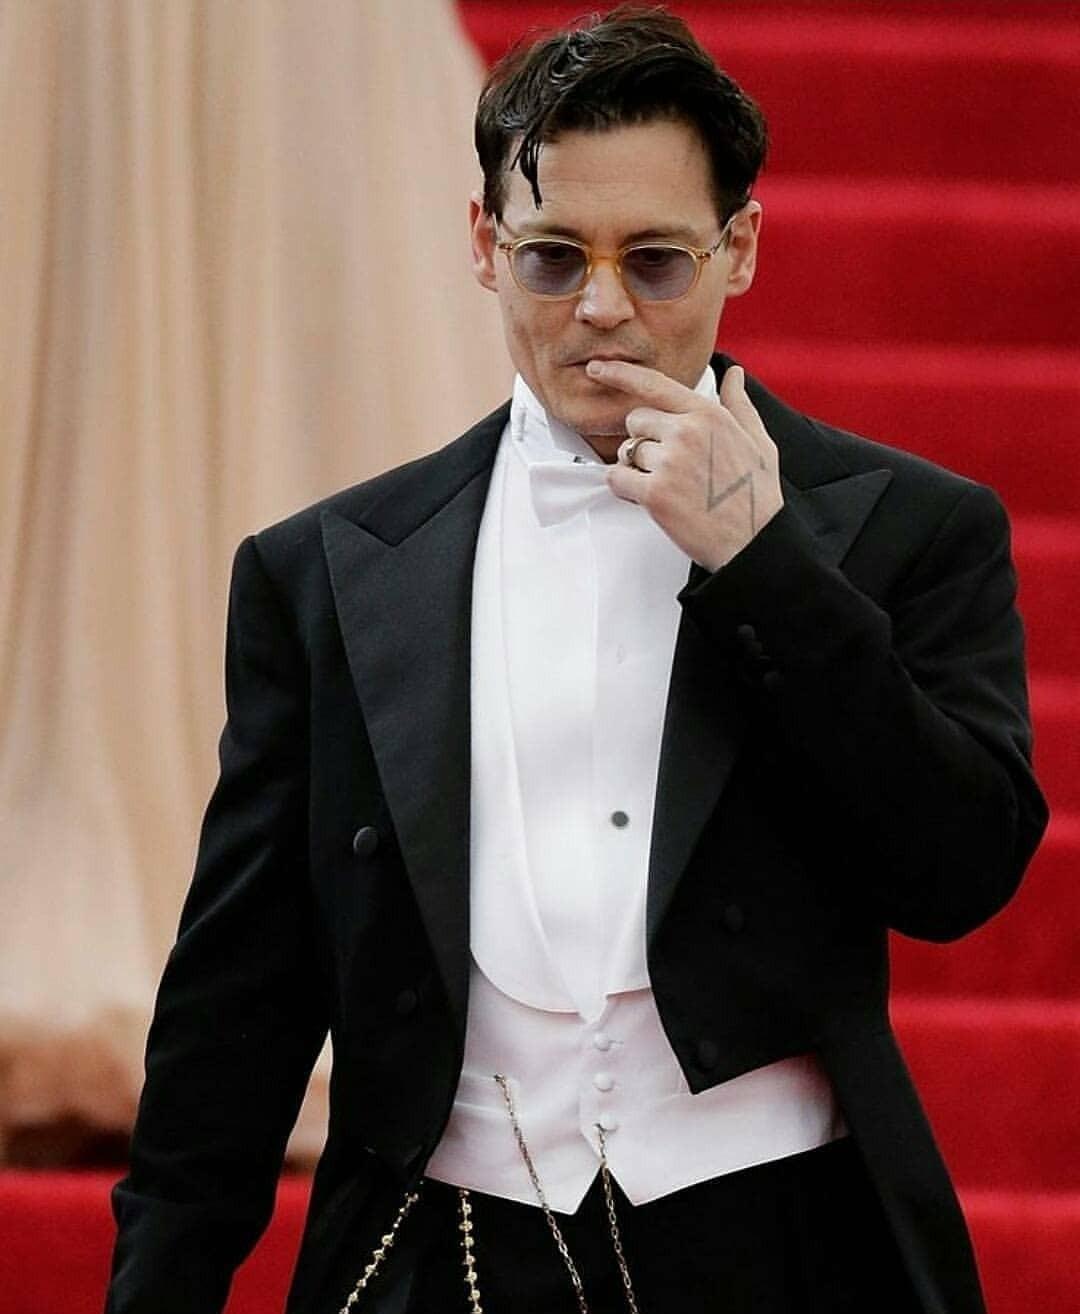 Джонни Депп может остаться без ролей из-за нового иска Эмбер Херт